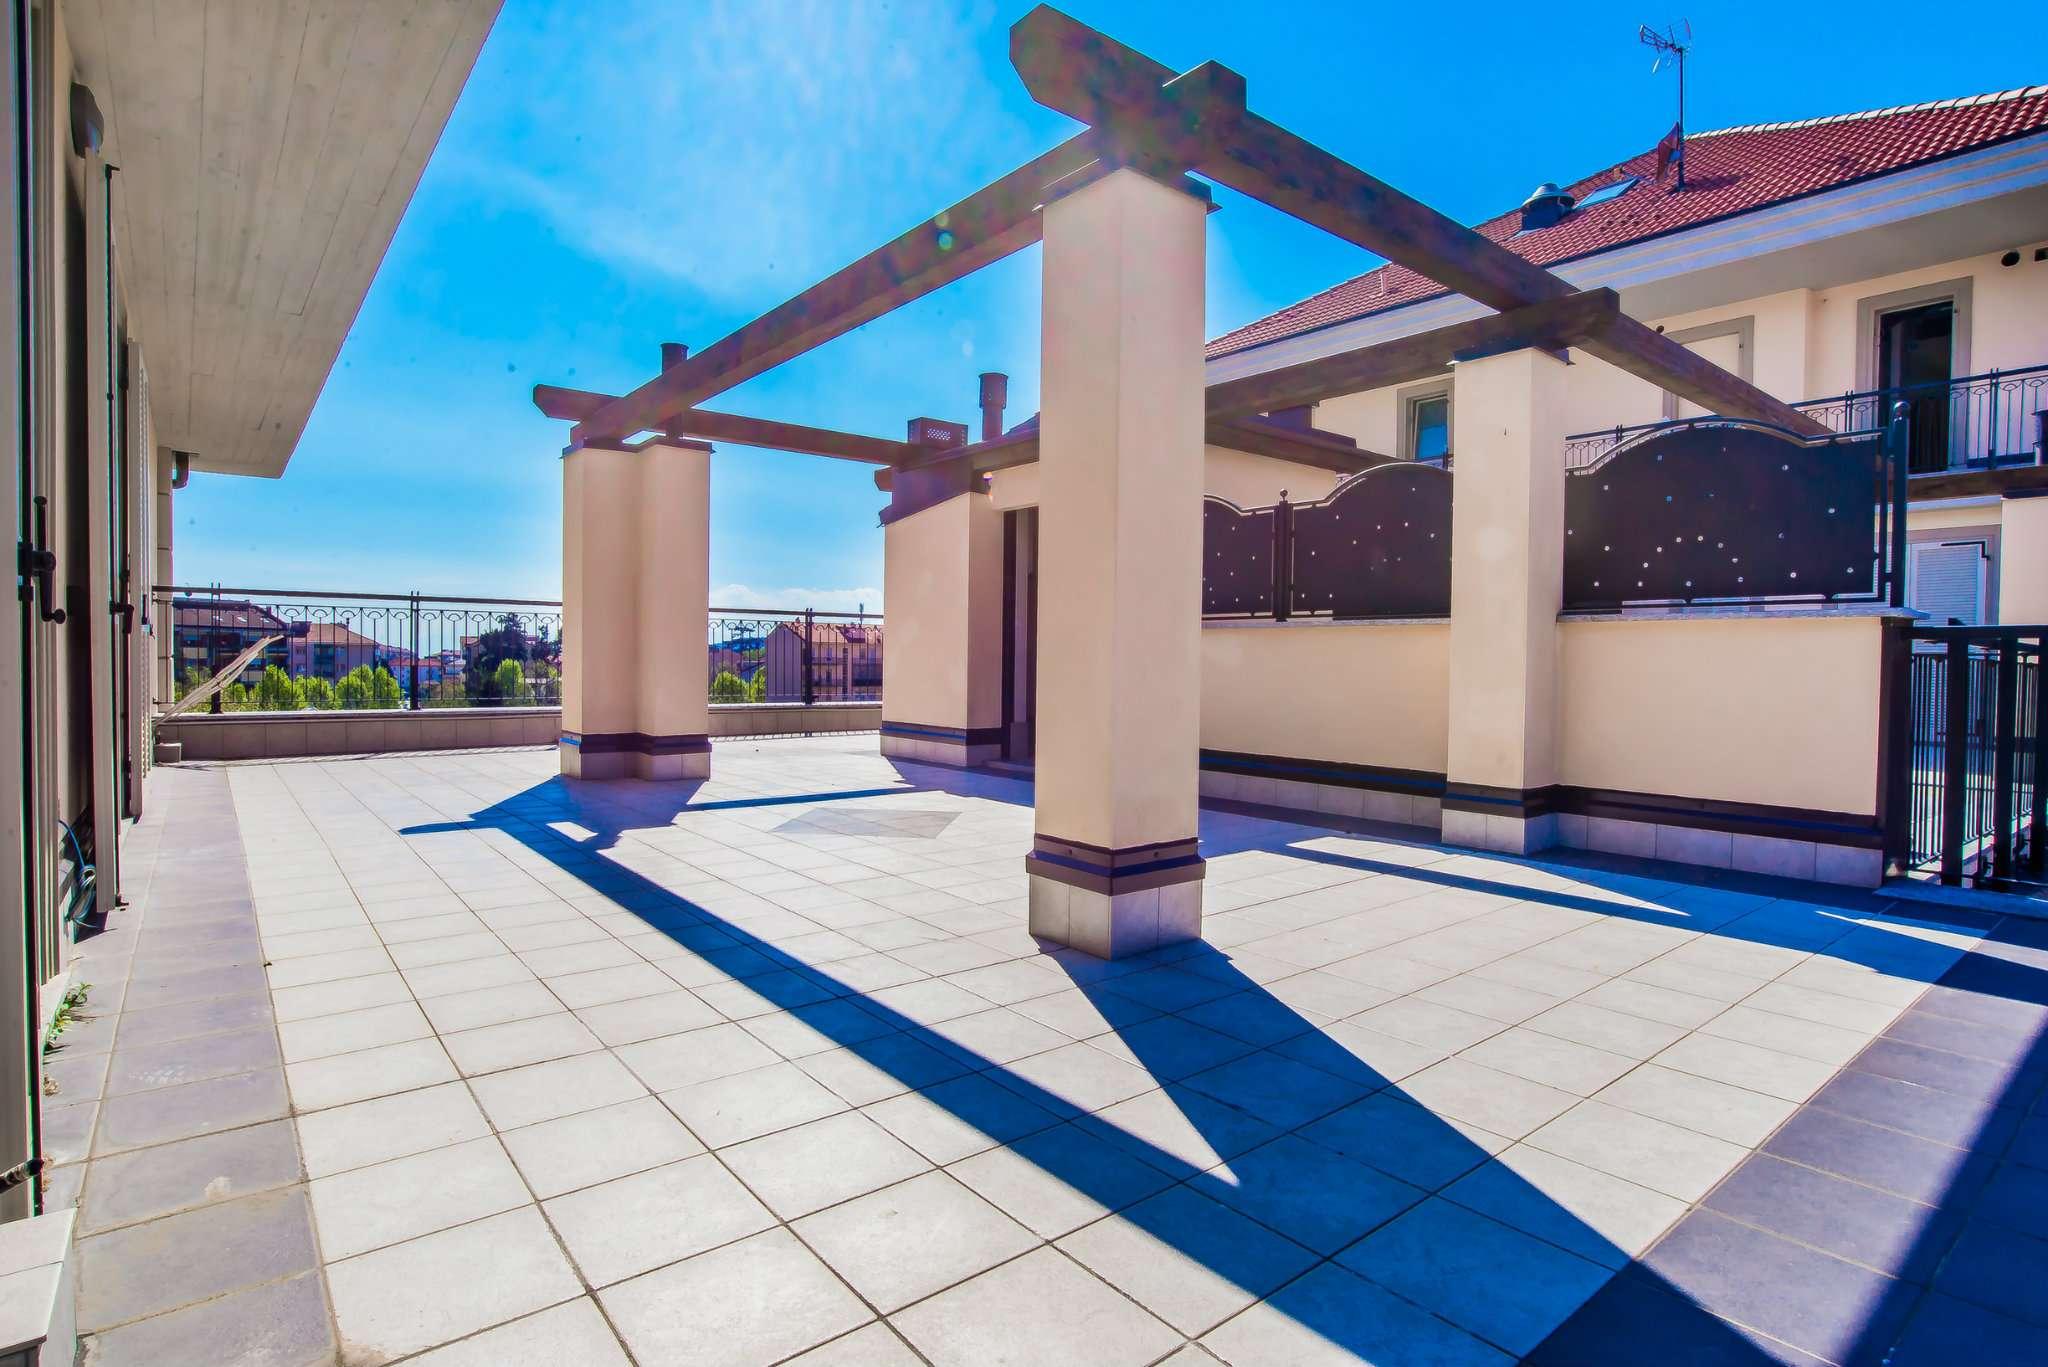 Immagine immobiliare RIVOLI REALE - SUPER ATTICO DUPLEX - BILIVELLI RIVOLI REALE, è il nuovo elegante complesso residenziale che sorge nel pieno centro di Rivoli.Ultimi appartamenti in classe A, di diverse tipologie per rispondere alle esigenze...